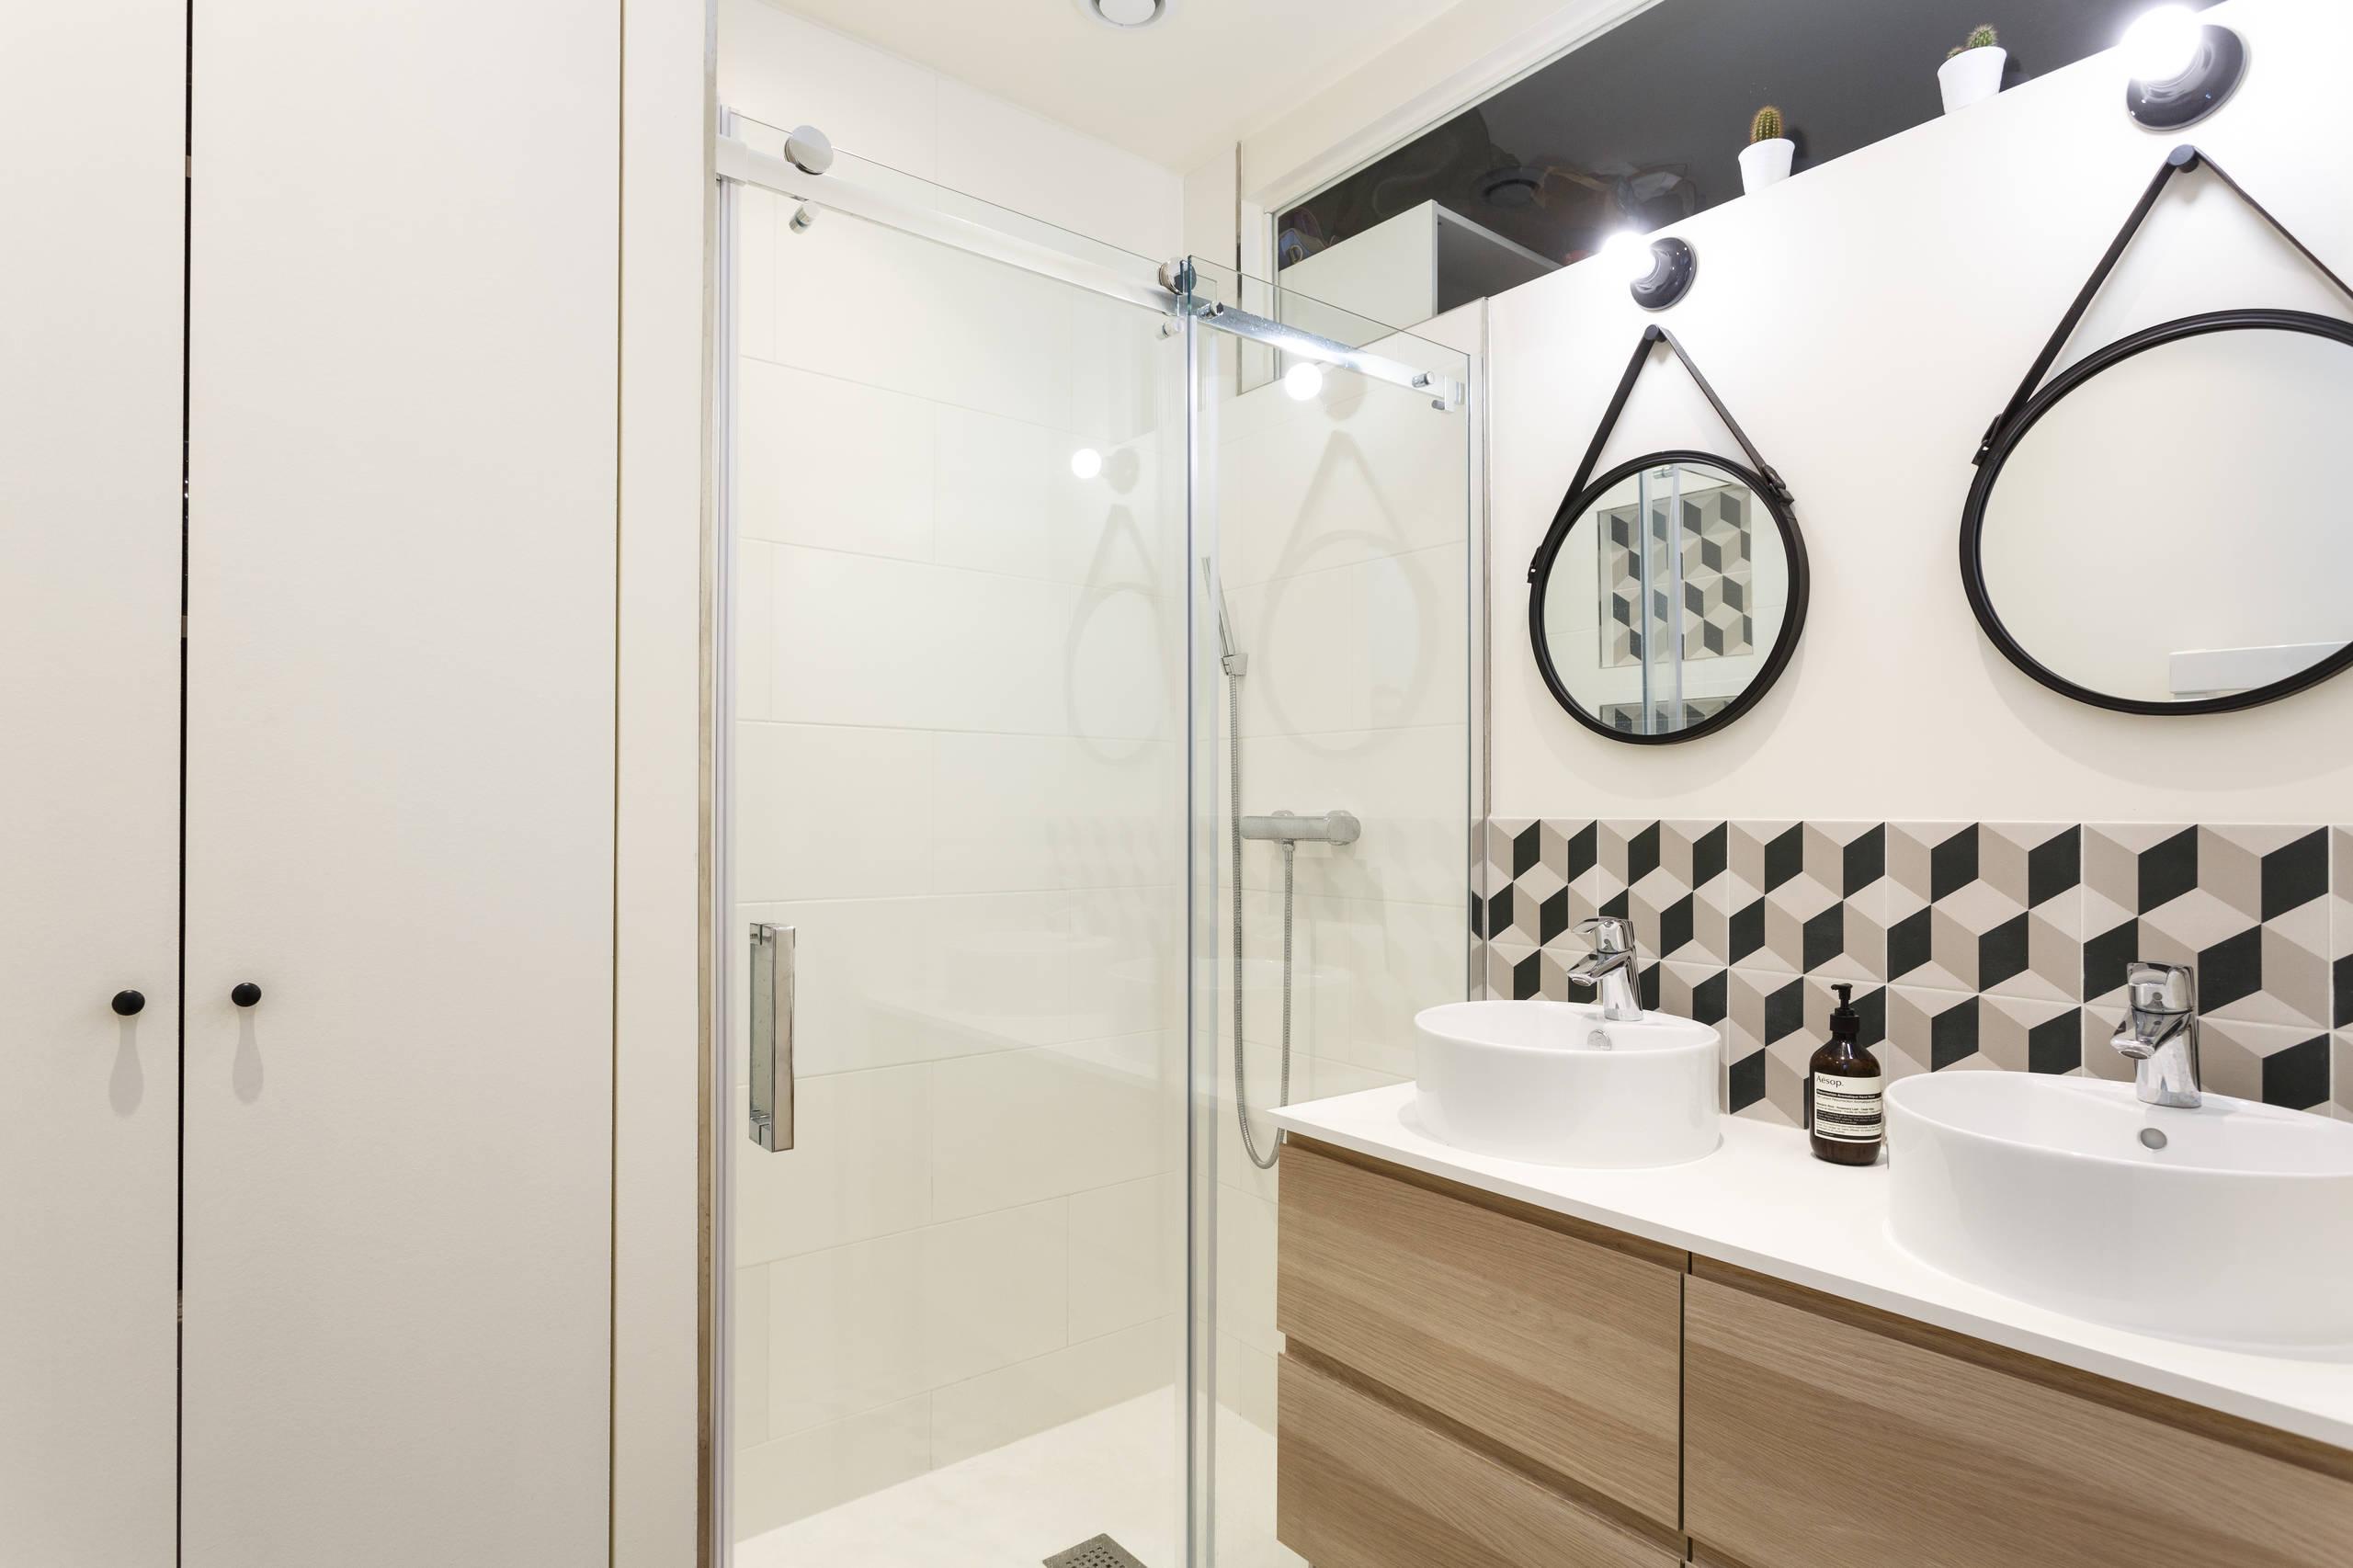 Une nouvelle salle de bain contemporaine